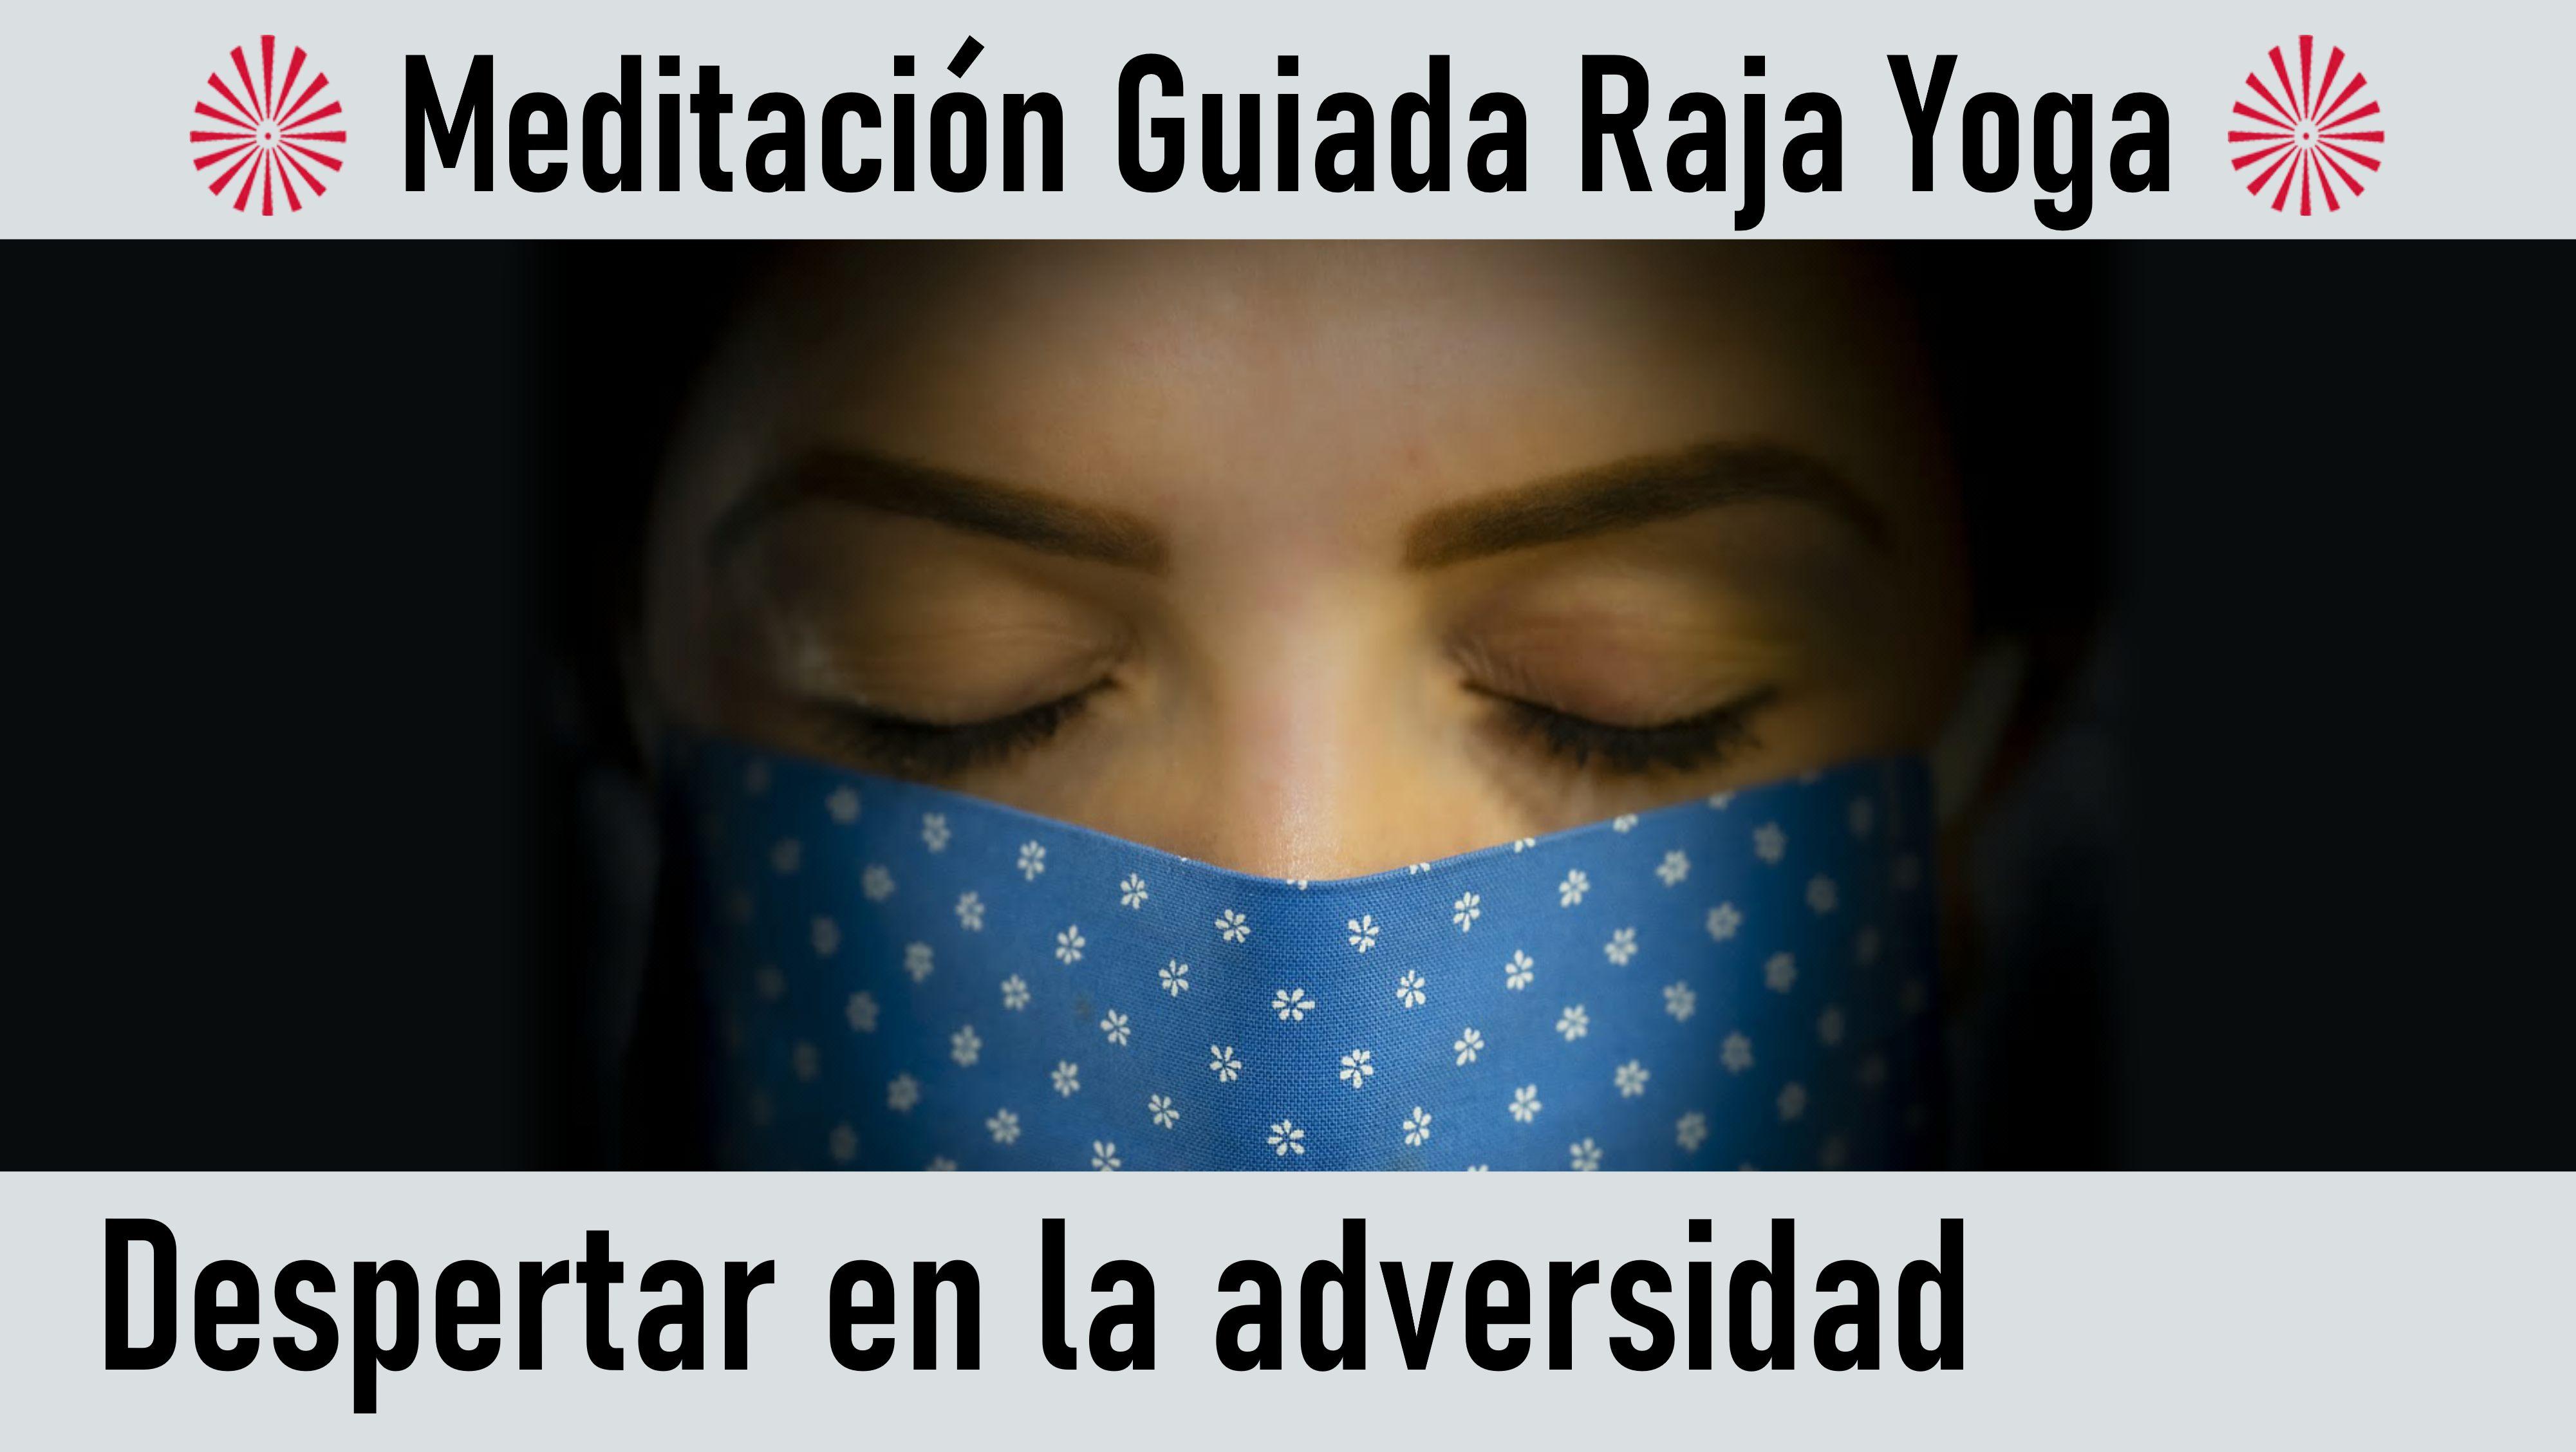 Meditación Raja Yoga: Despertar en la adversidad (9 Agosto 2020) On-line desde Valencia